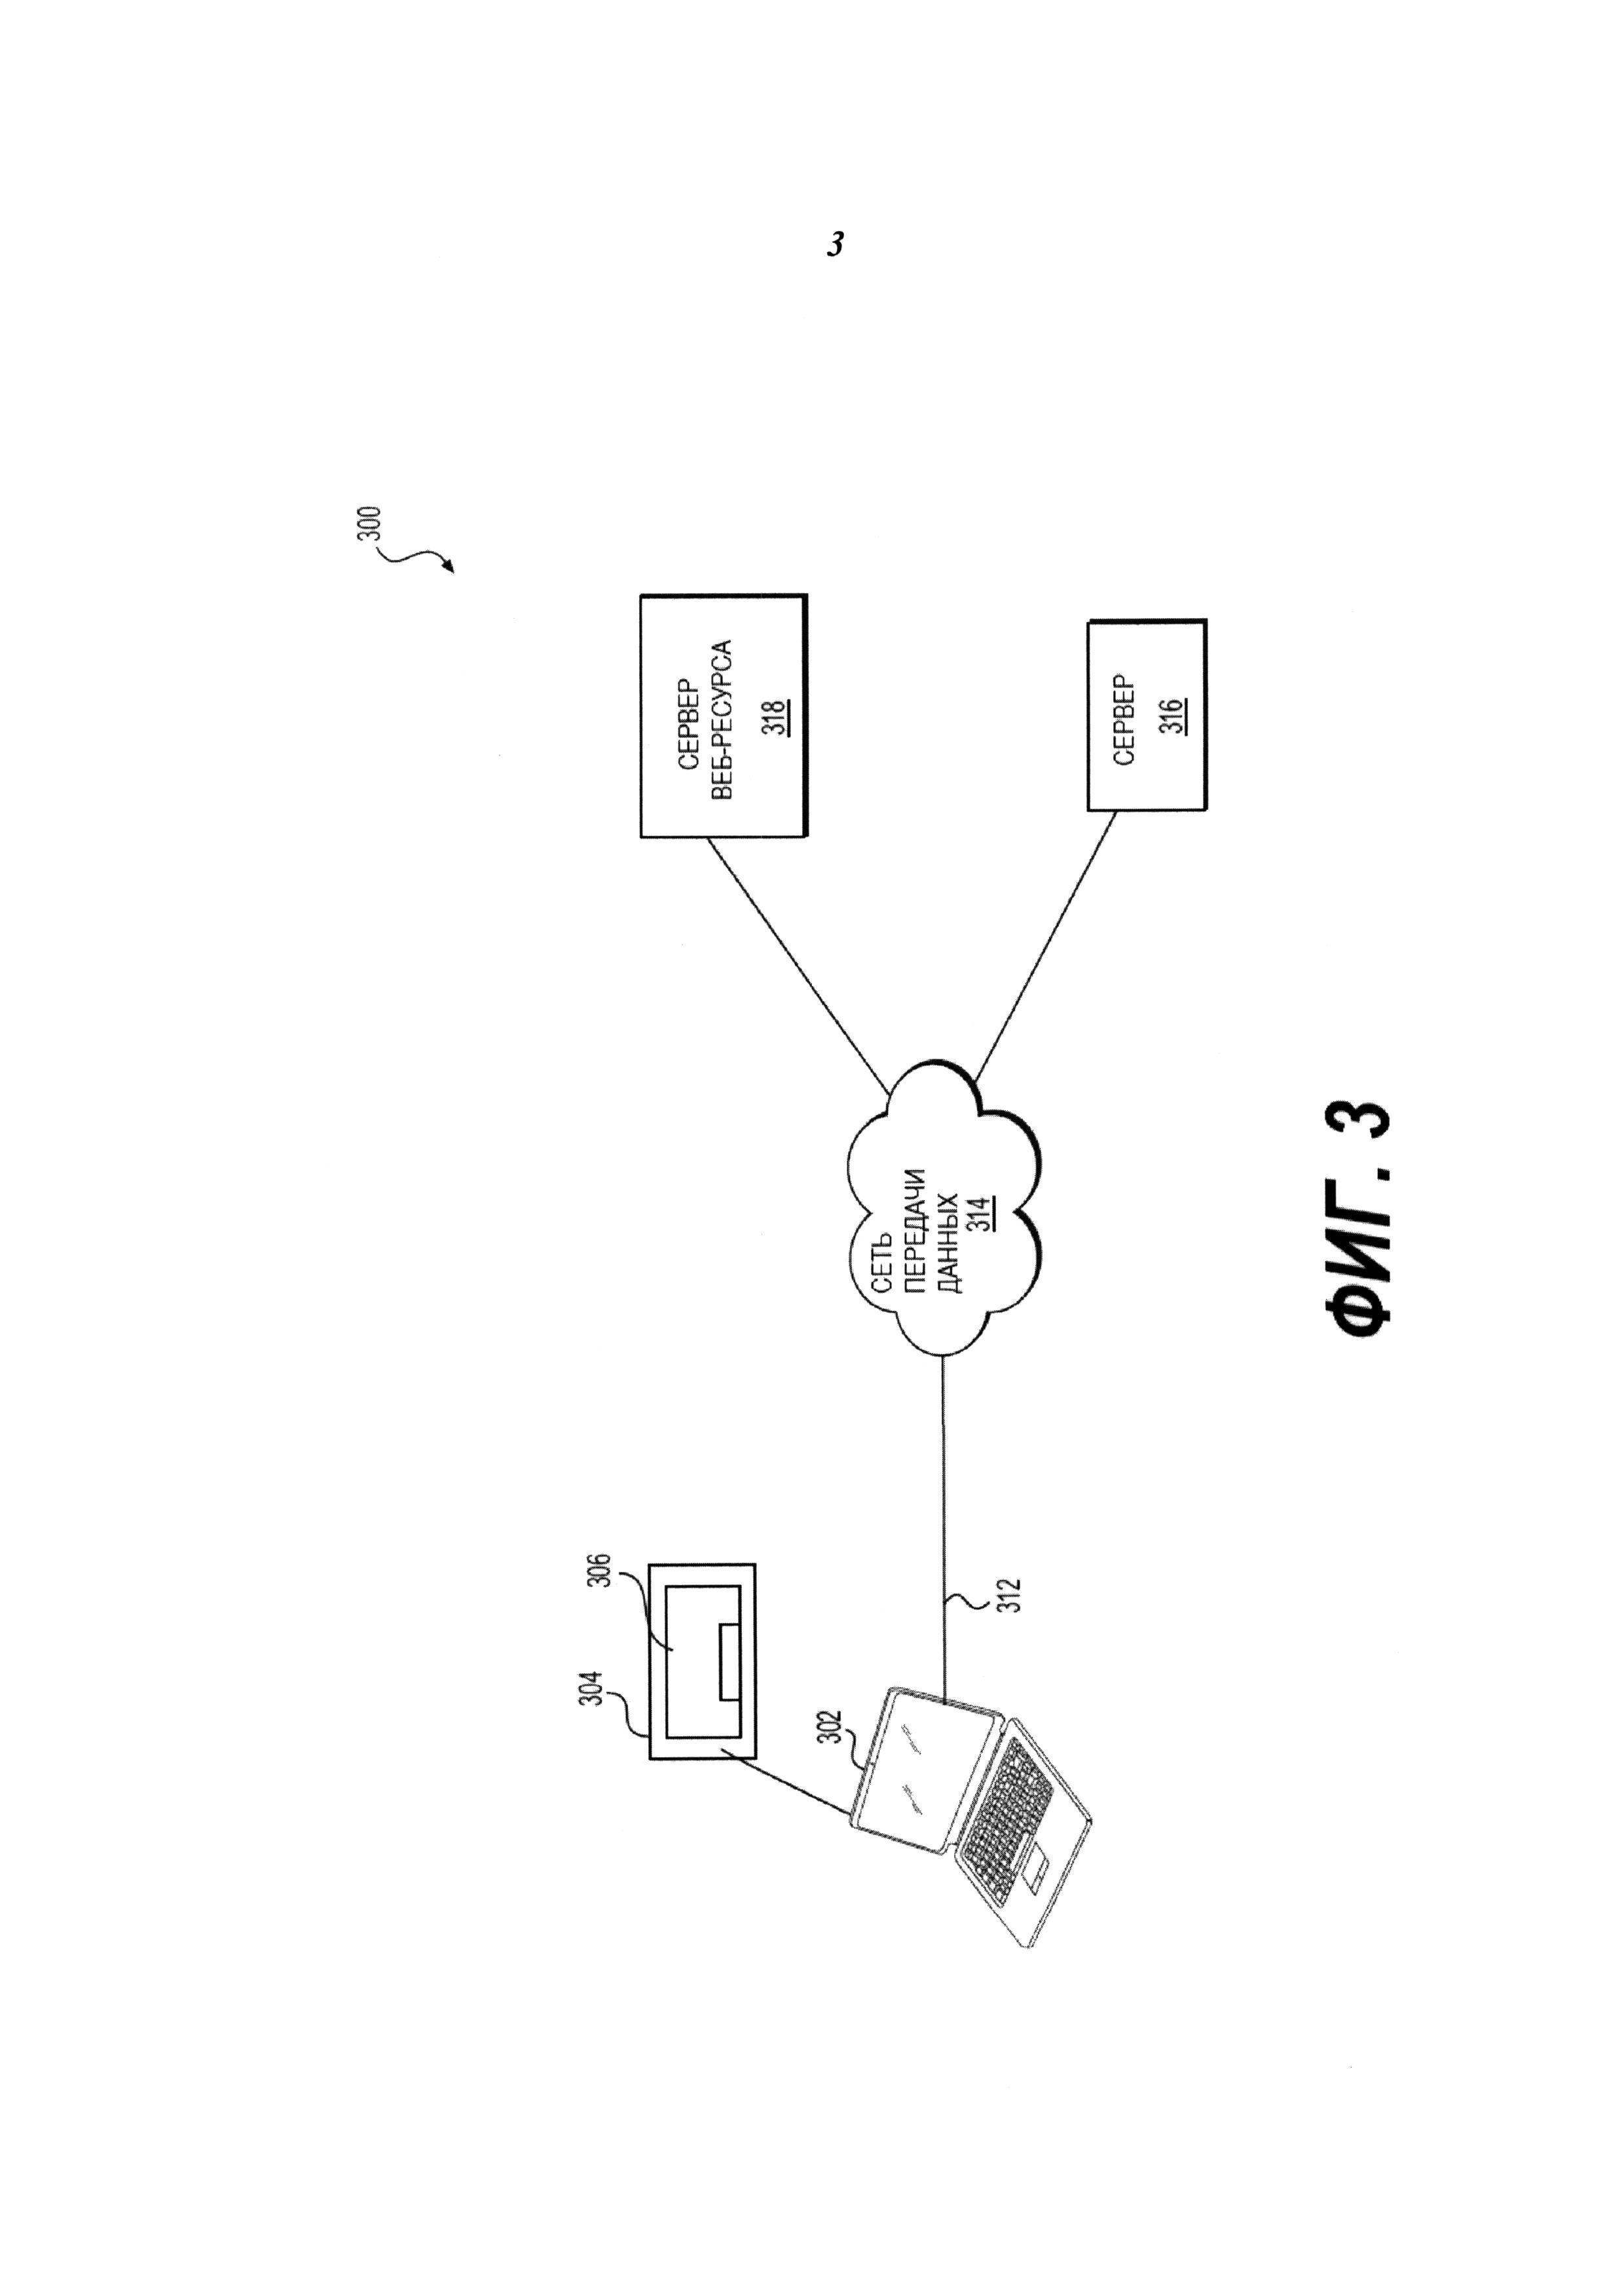 Способ обработки пользовательского запроса, электронное устройство и постоянный машиночитаемый носитель